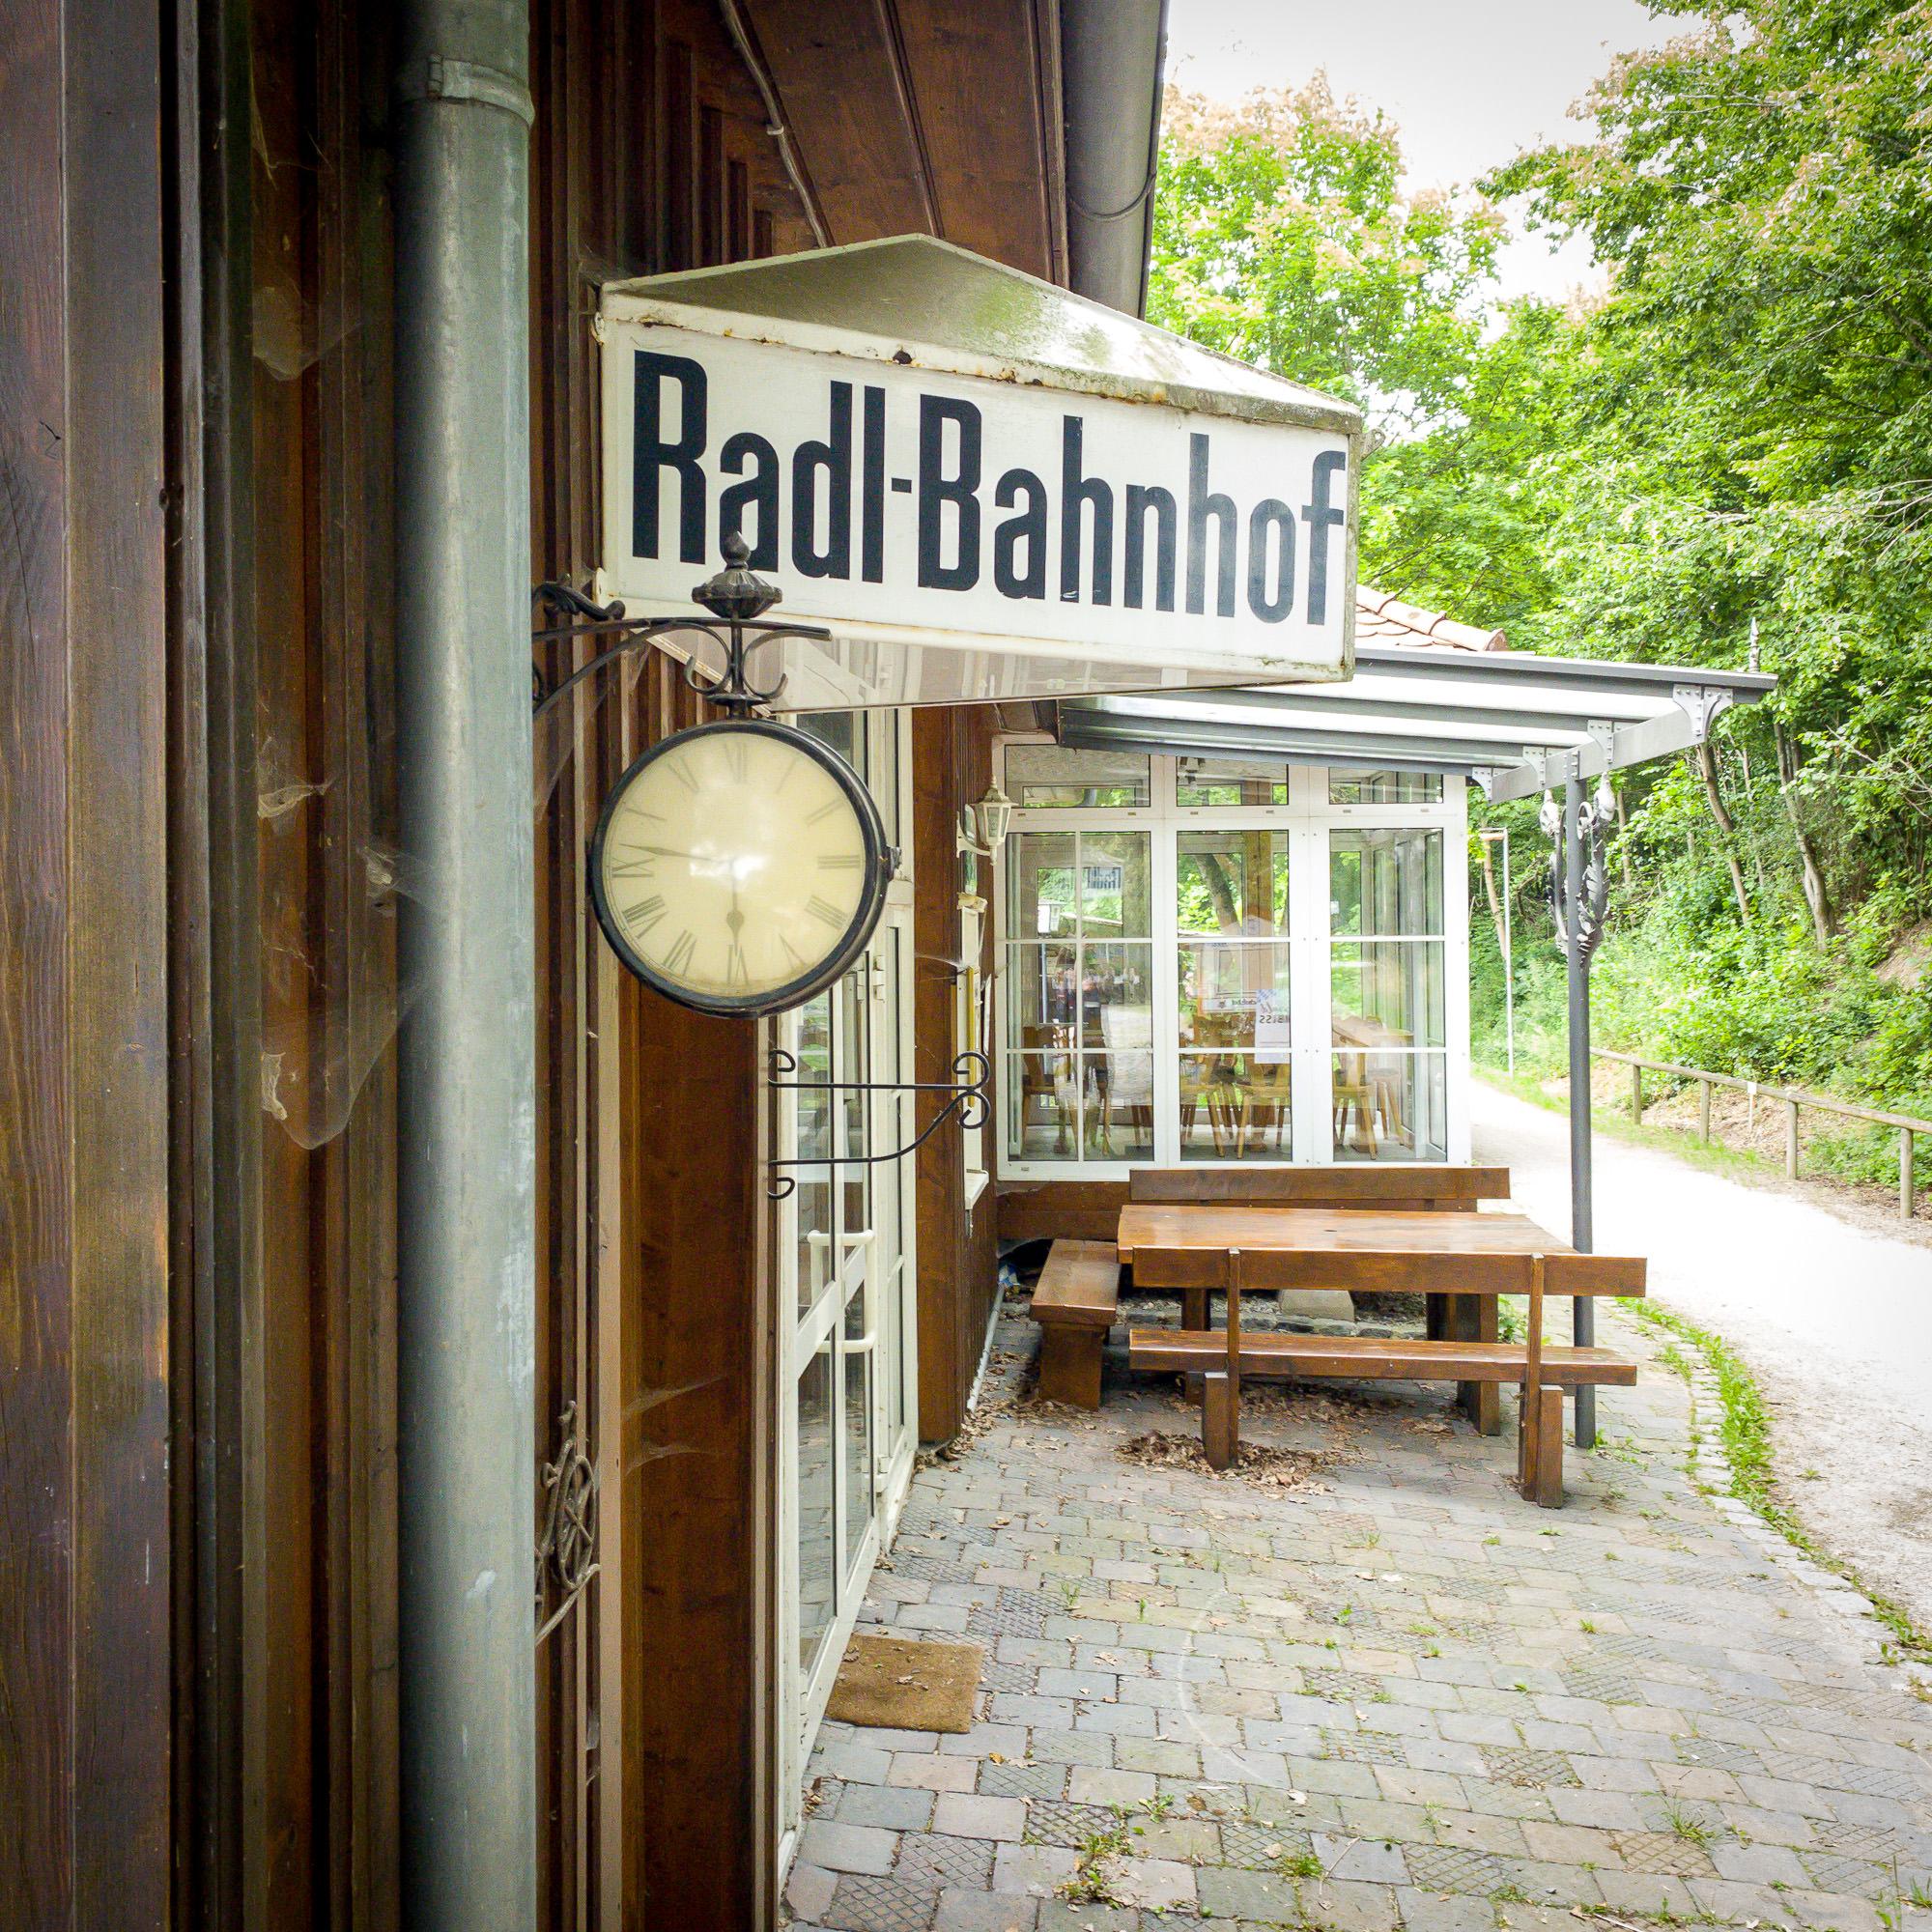 Runde zum Radlbahnhof